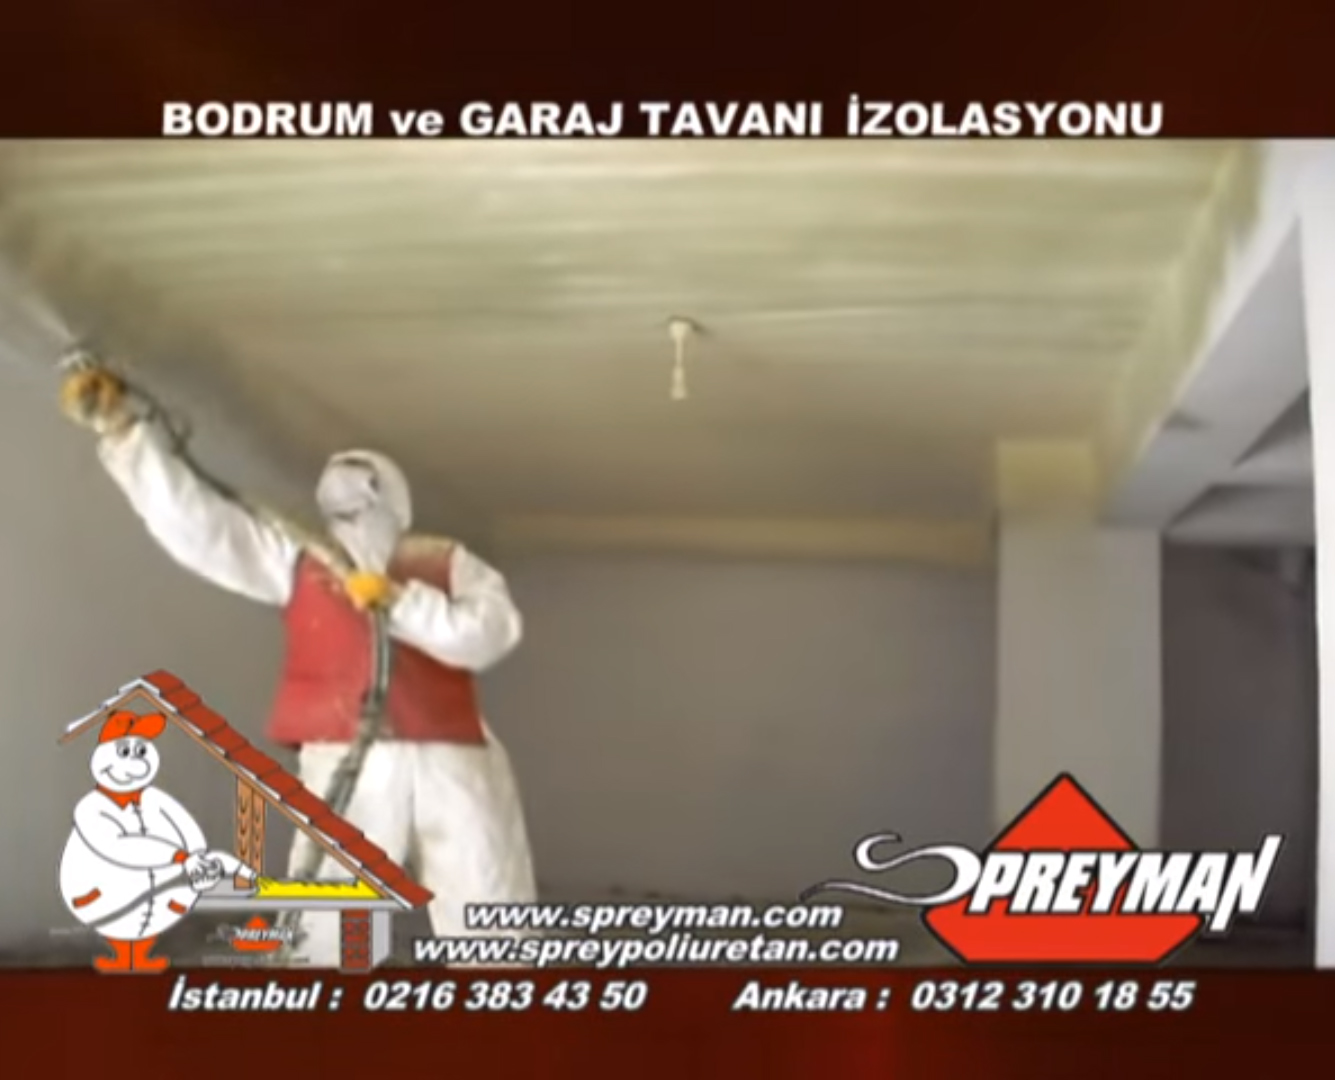 Spreyman – Sprey Poliüretan Köpük Bodrum ve Garaj İzolasyonu